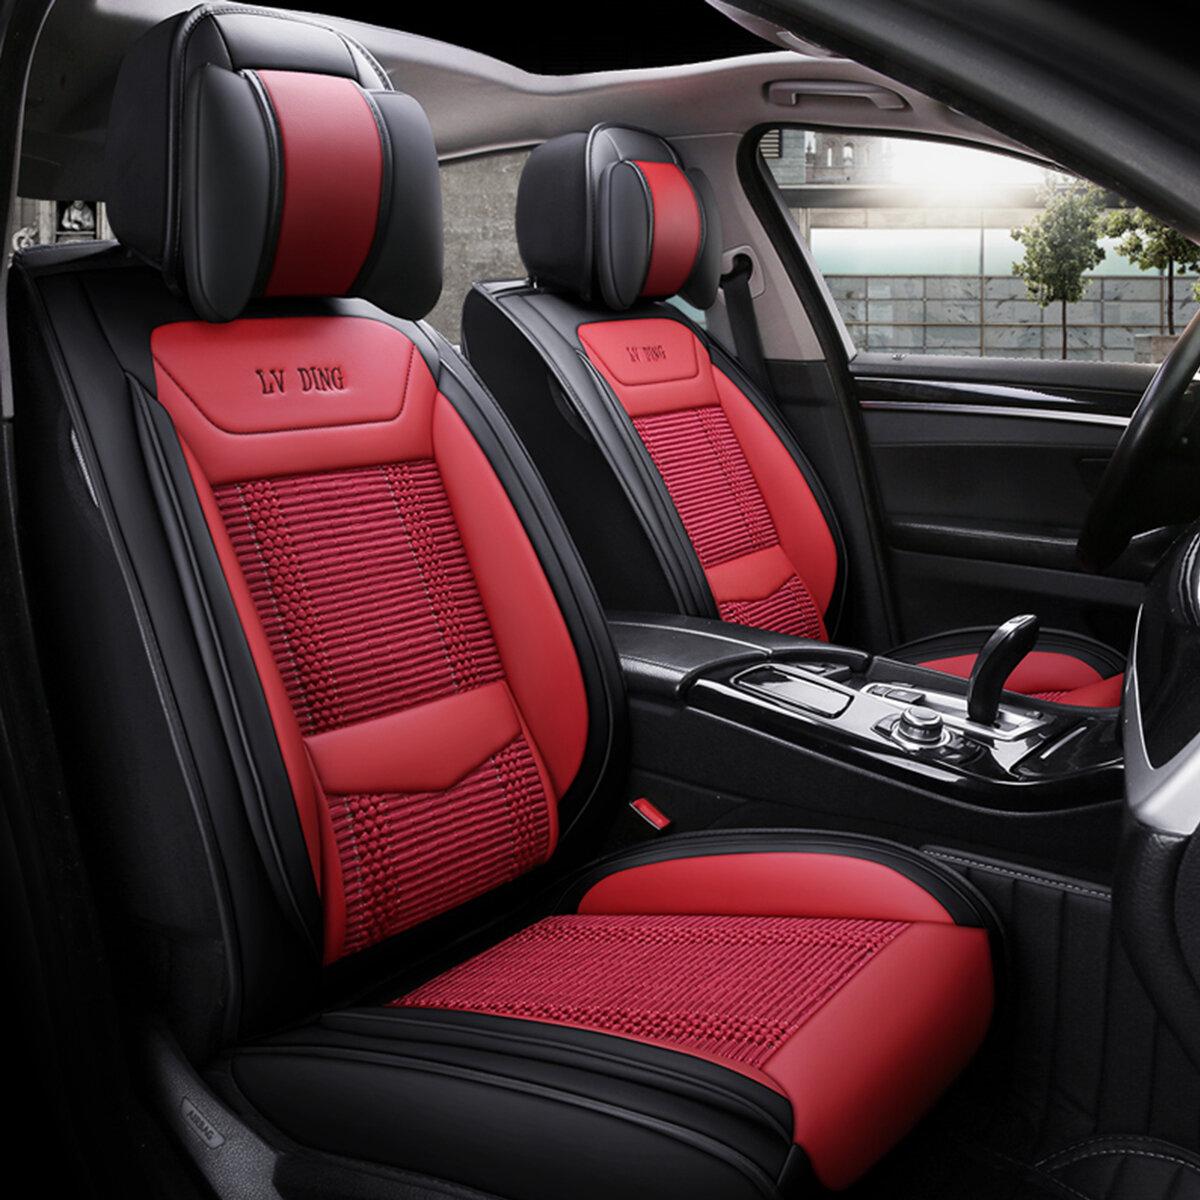 यूनिवर्सल शीर्ष Mircrofiber लेदर 5-सीट्स कार एसयूवी सीट कवर फ्रंट रियर कुशन